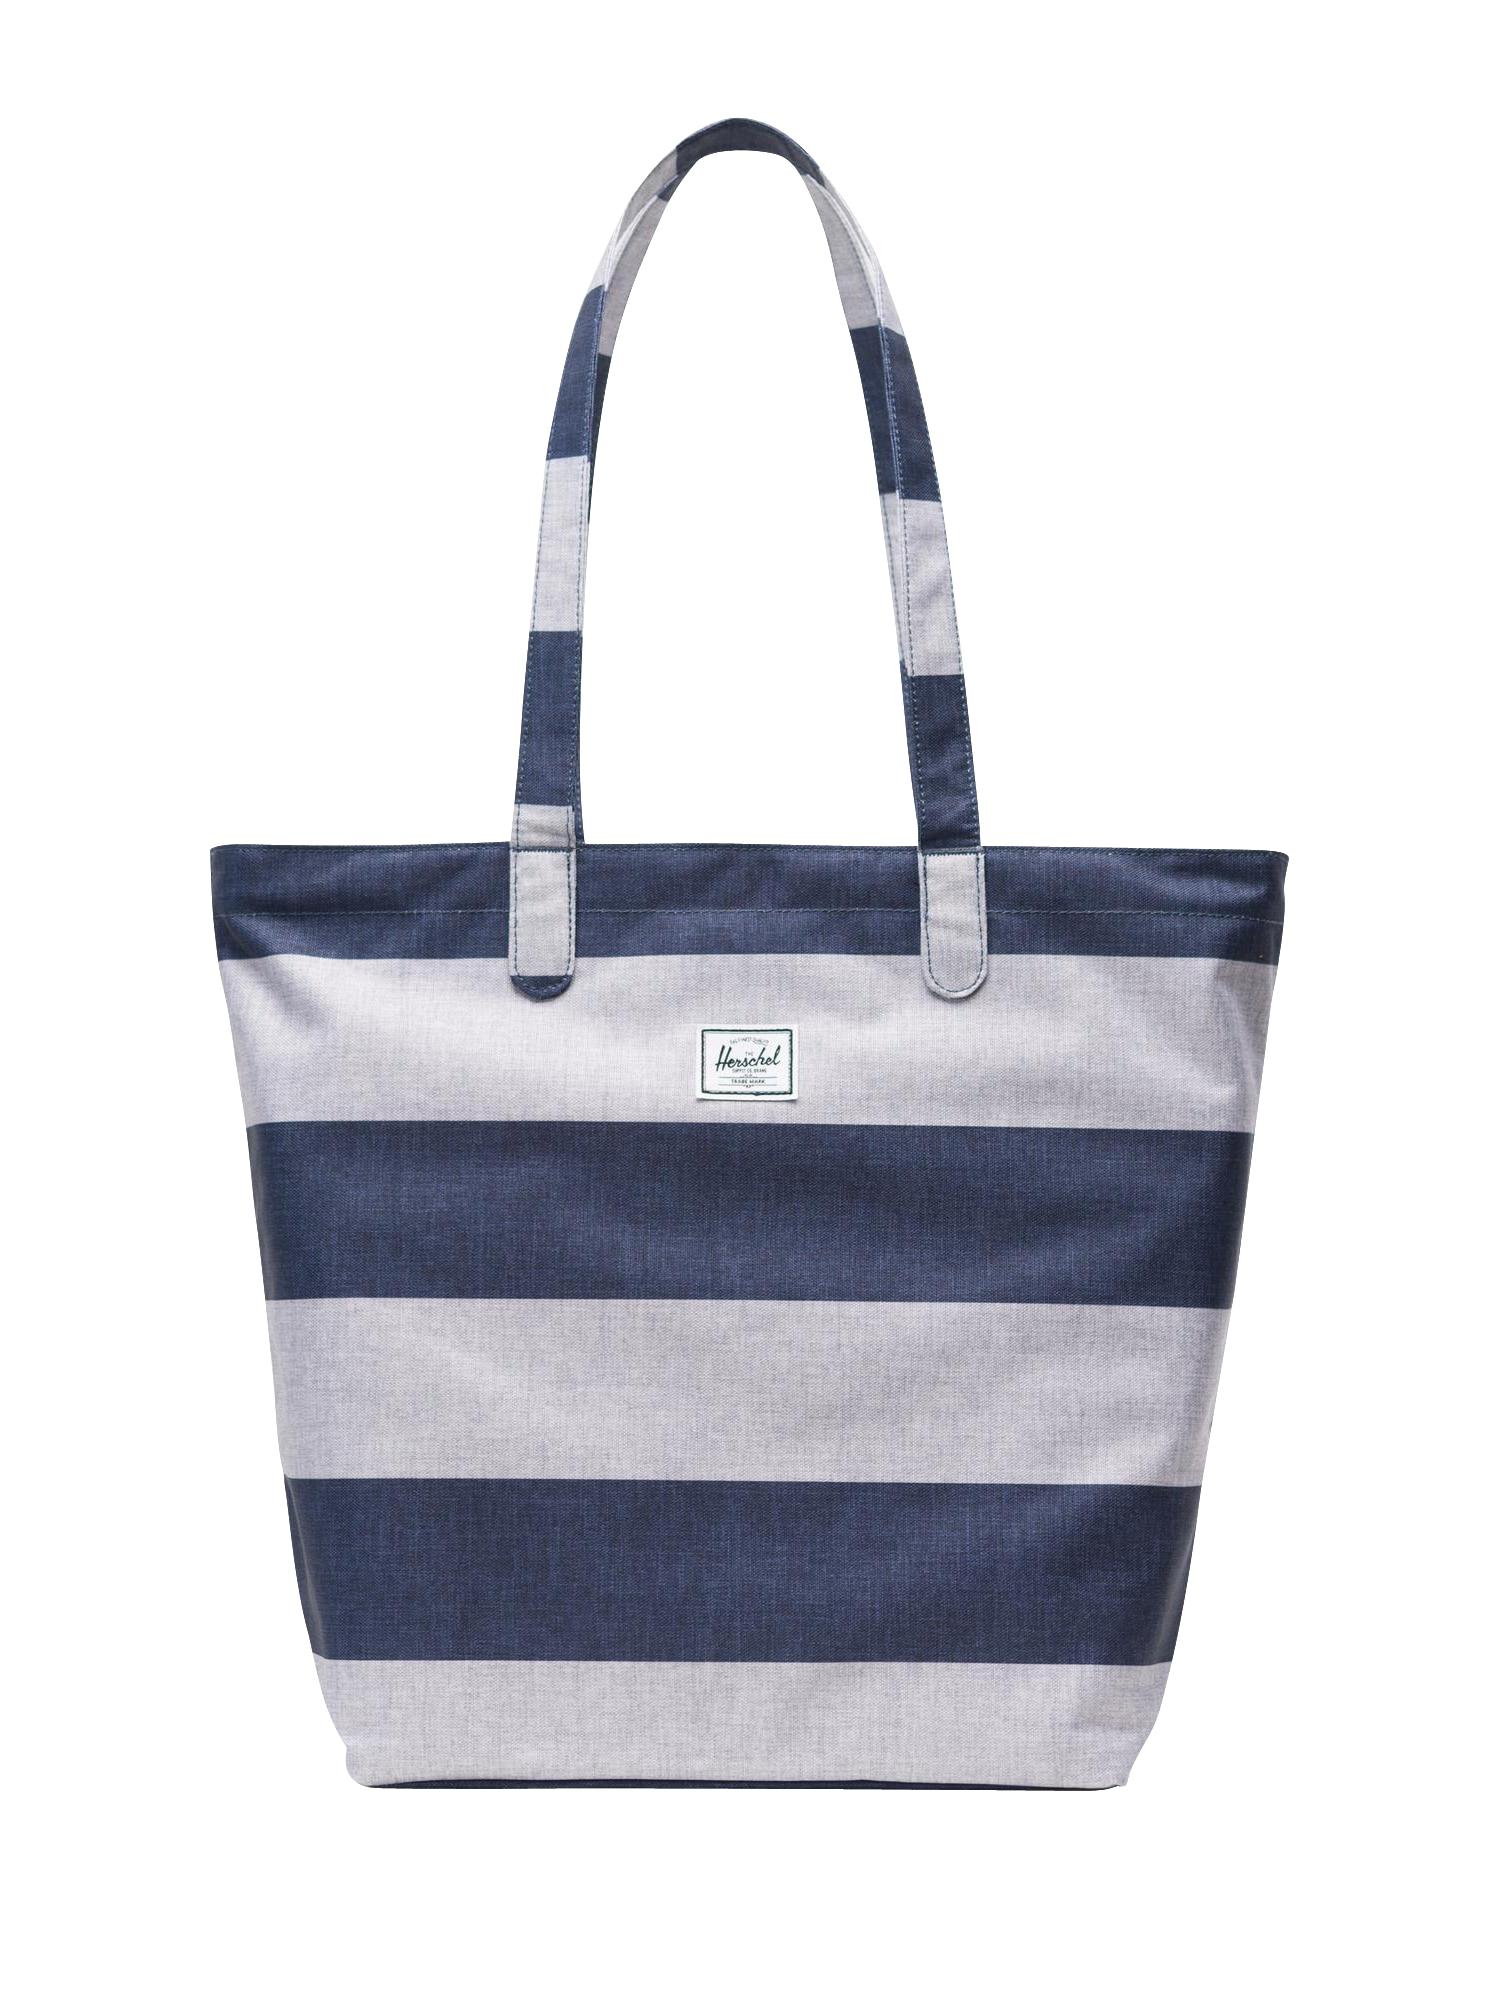 Nákupní taška Mica modrá offwhite Herschel